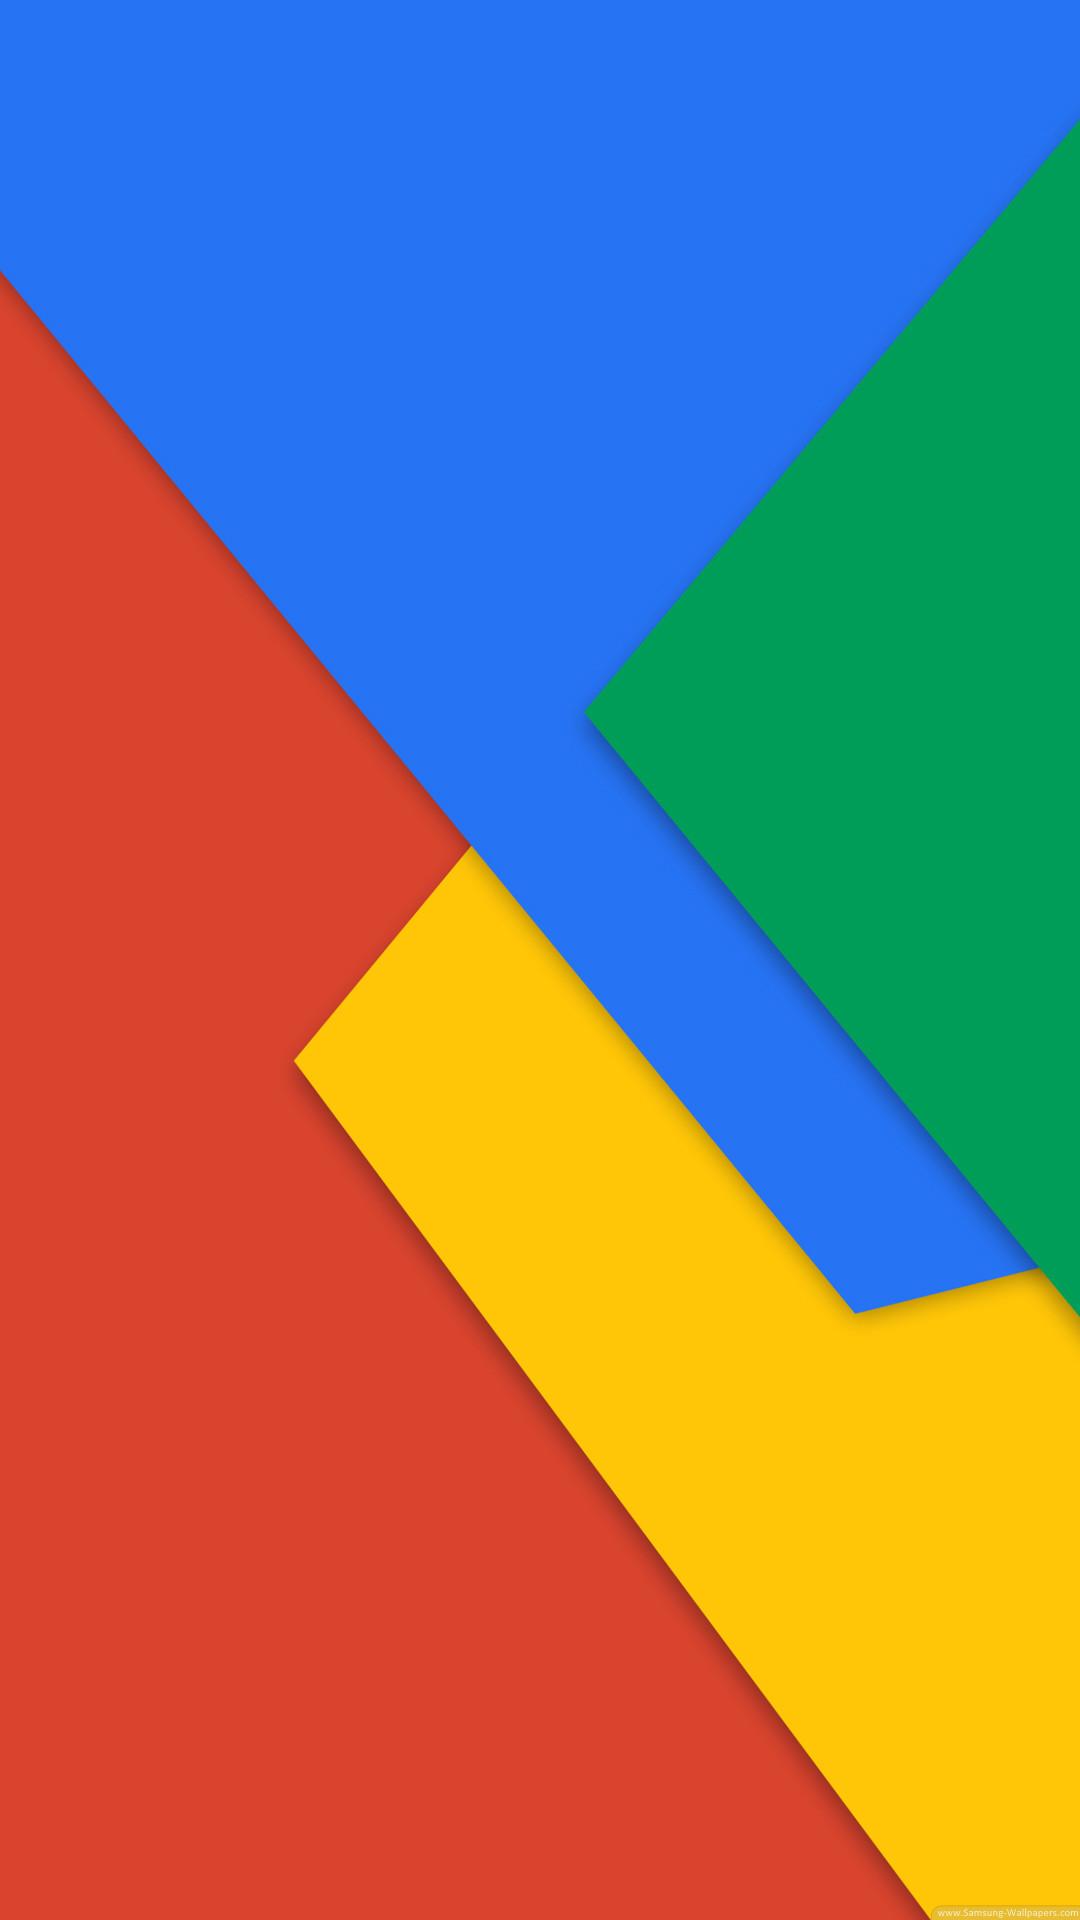 Wallpaper For Nexus 6 62 Images